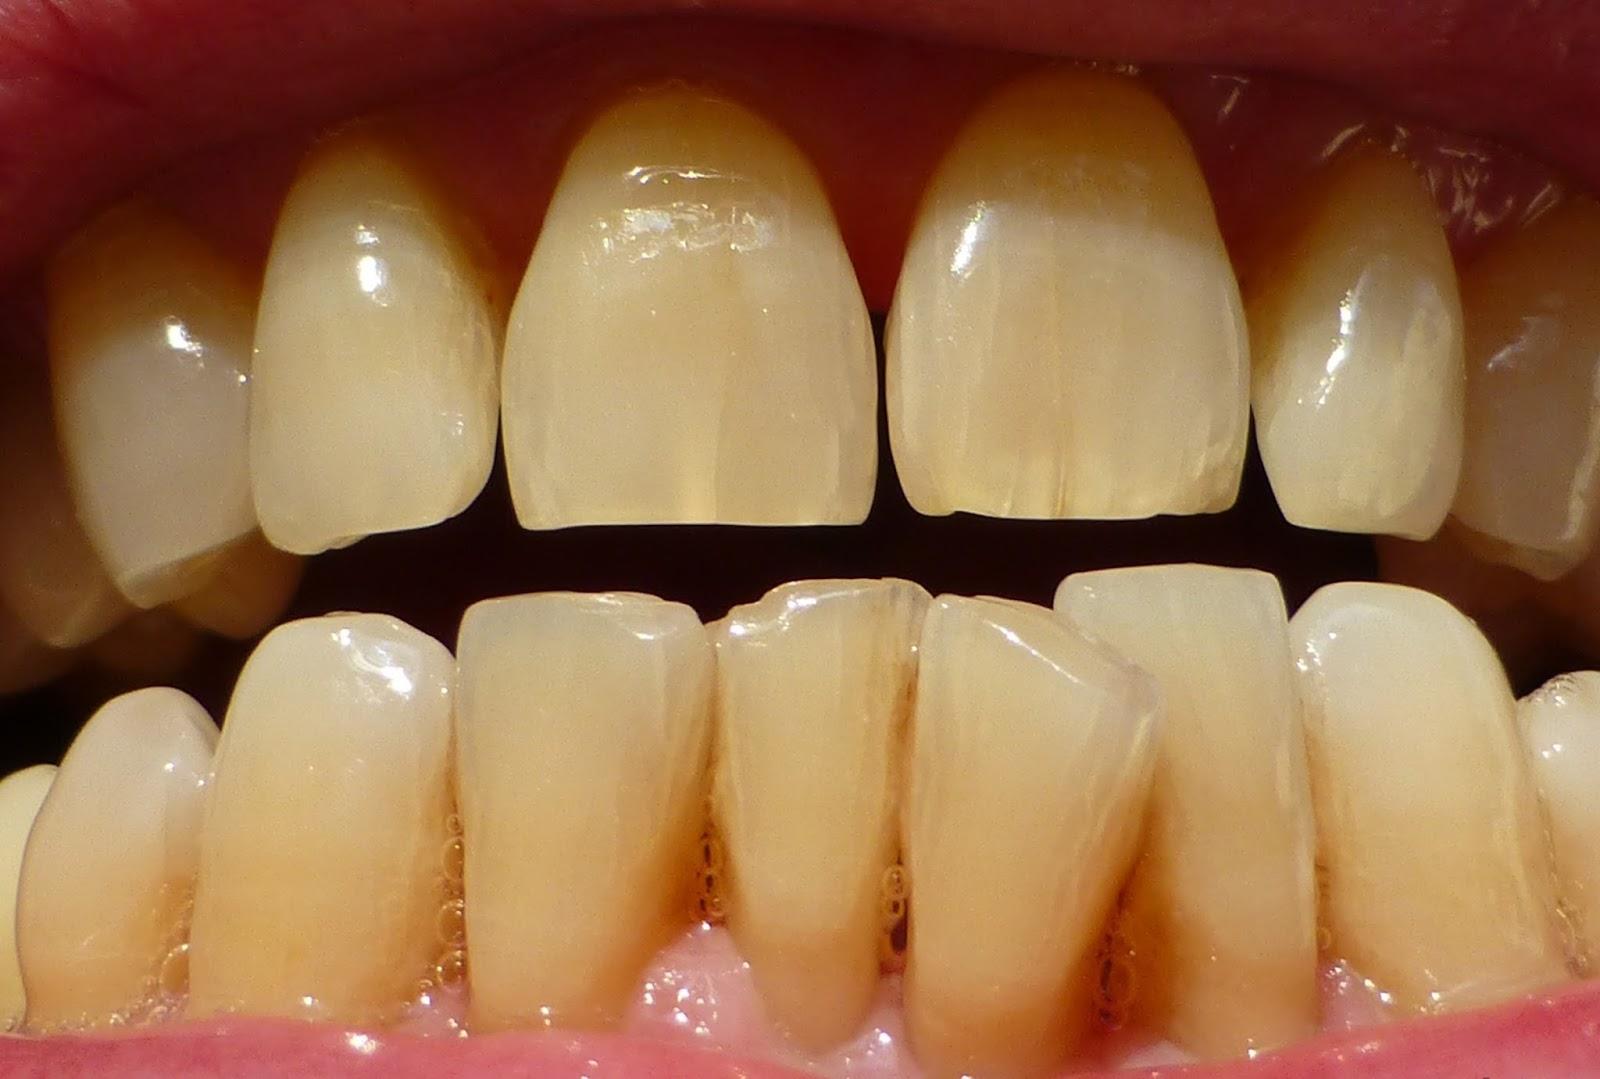 Răng bị ố vàng